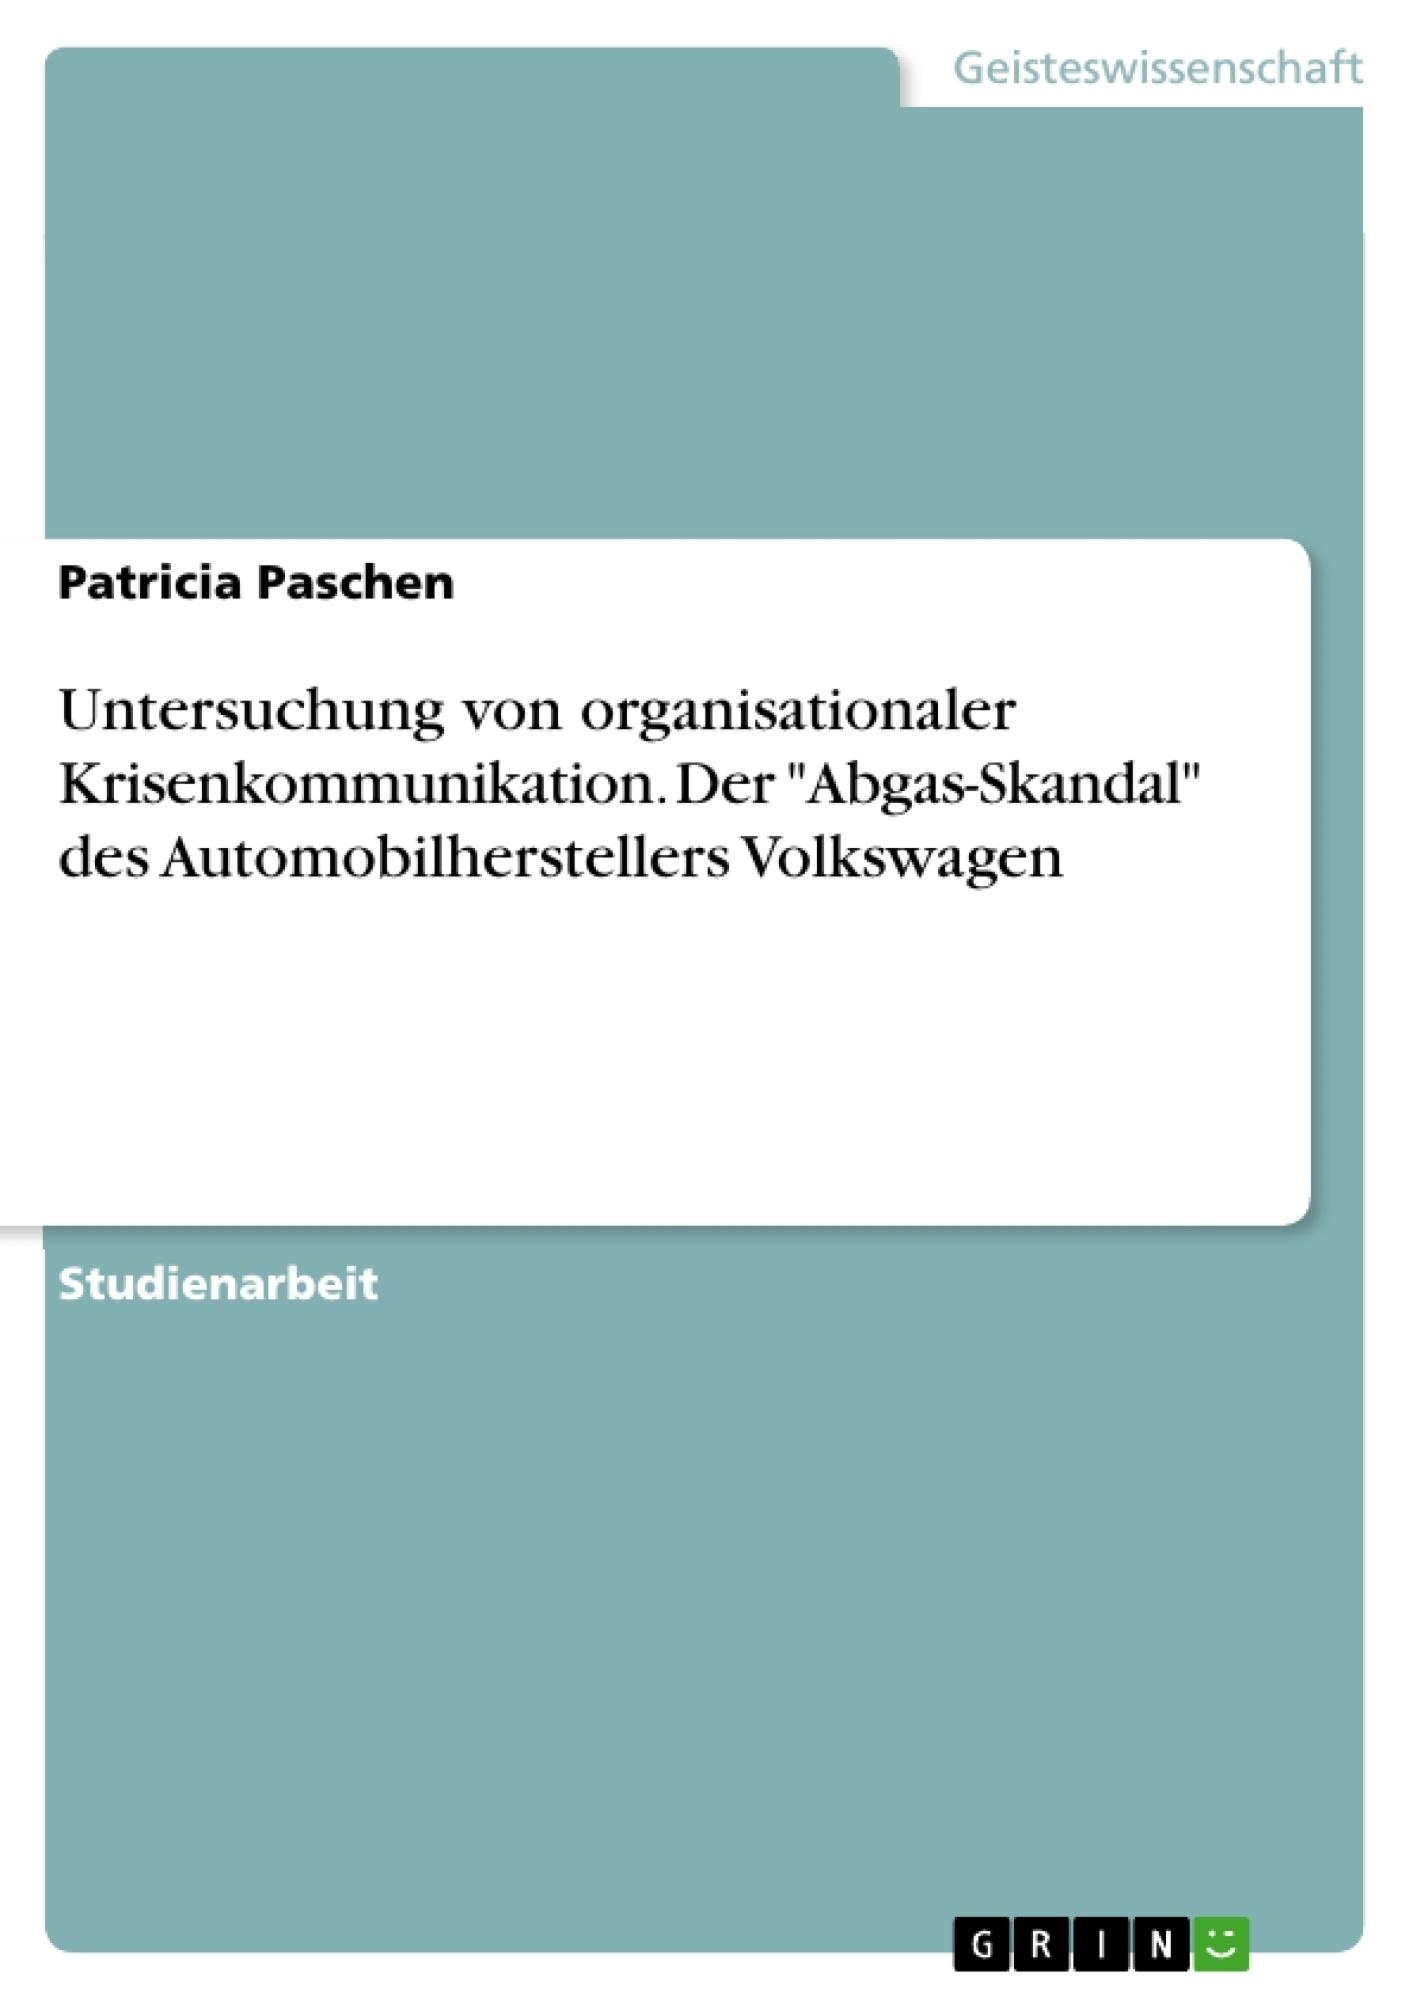 """Titel: Untersuchung von organisationaler Krisenkommunikation. Der """"Abgas-Skandal"""" des Automobilherstellers Volkswagen"""